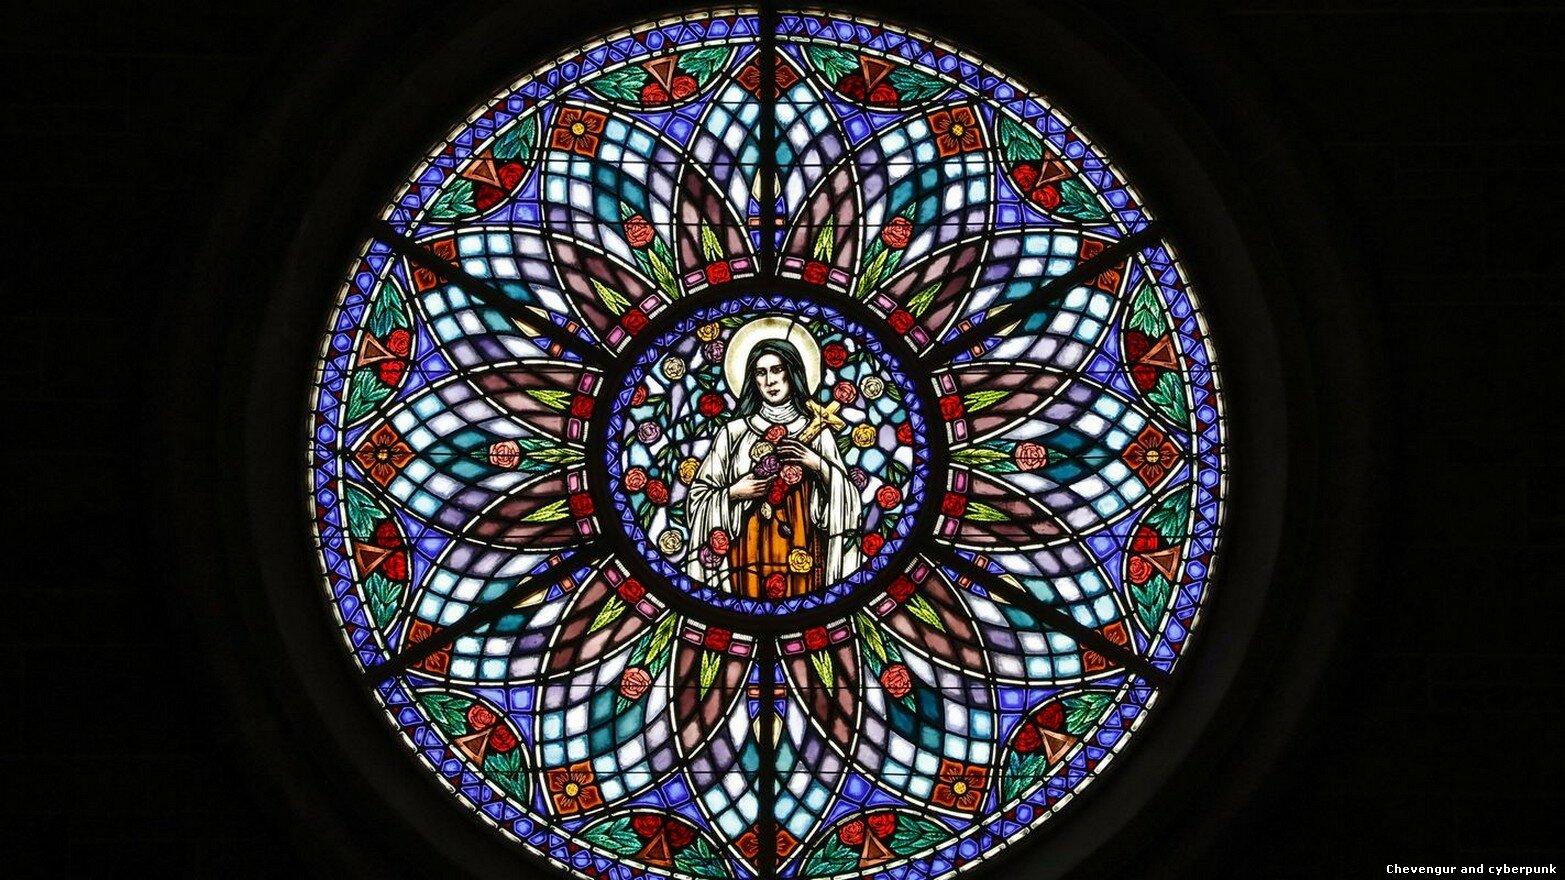 Потрясающий витраж из церкви Малых Цветов Святой Терезы, в которой служит отец Ламперт